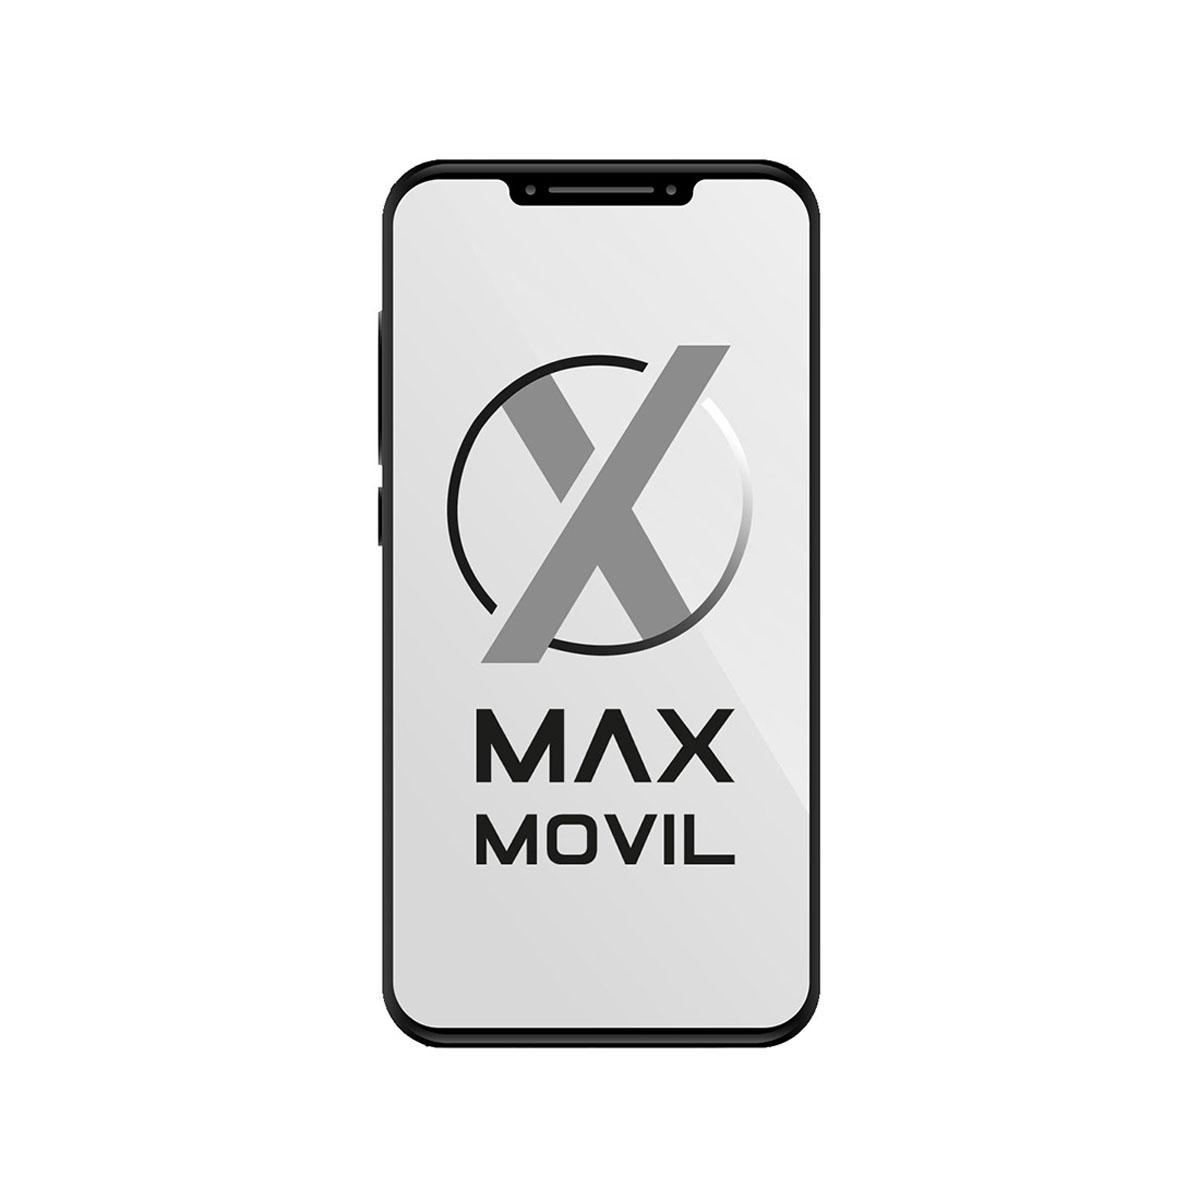 Apple iPhone 8 256 GB Gris espacial MQ7C2QL/A